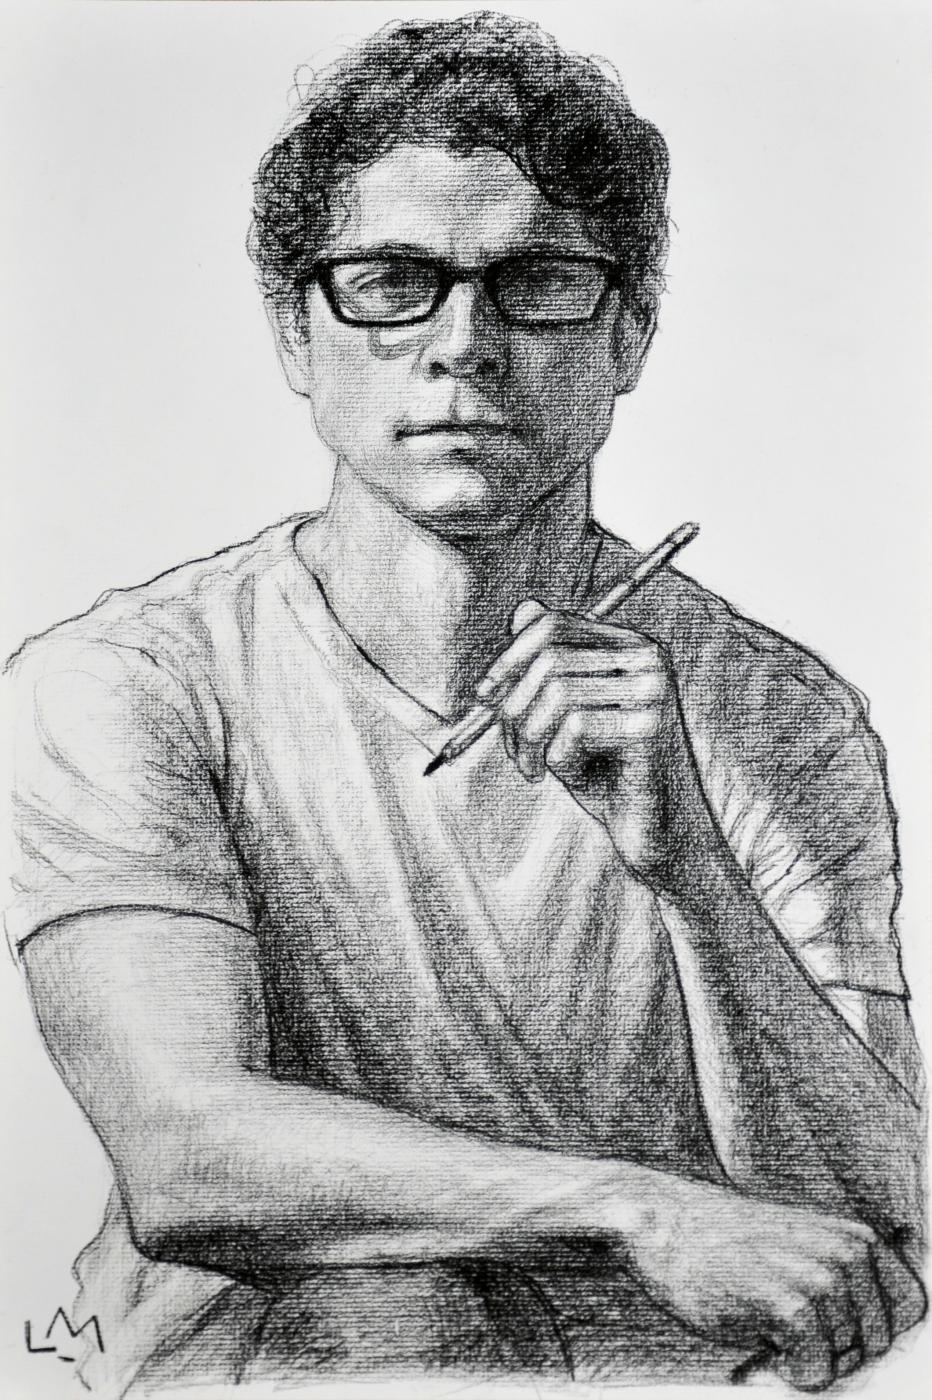 Self-Portrait , charcoal, 2014